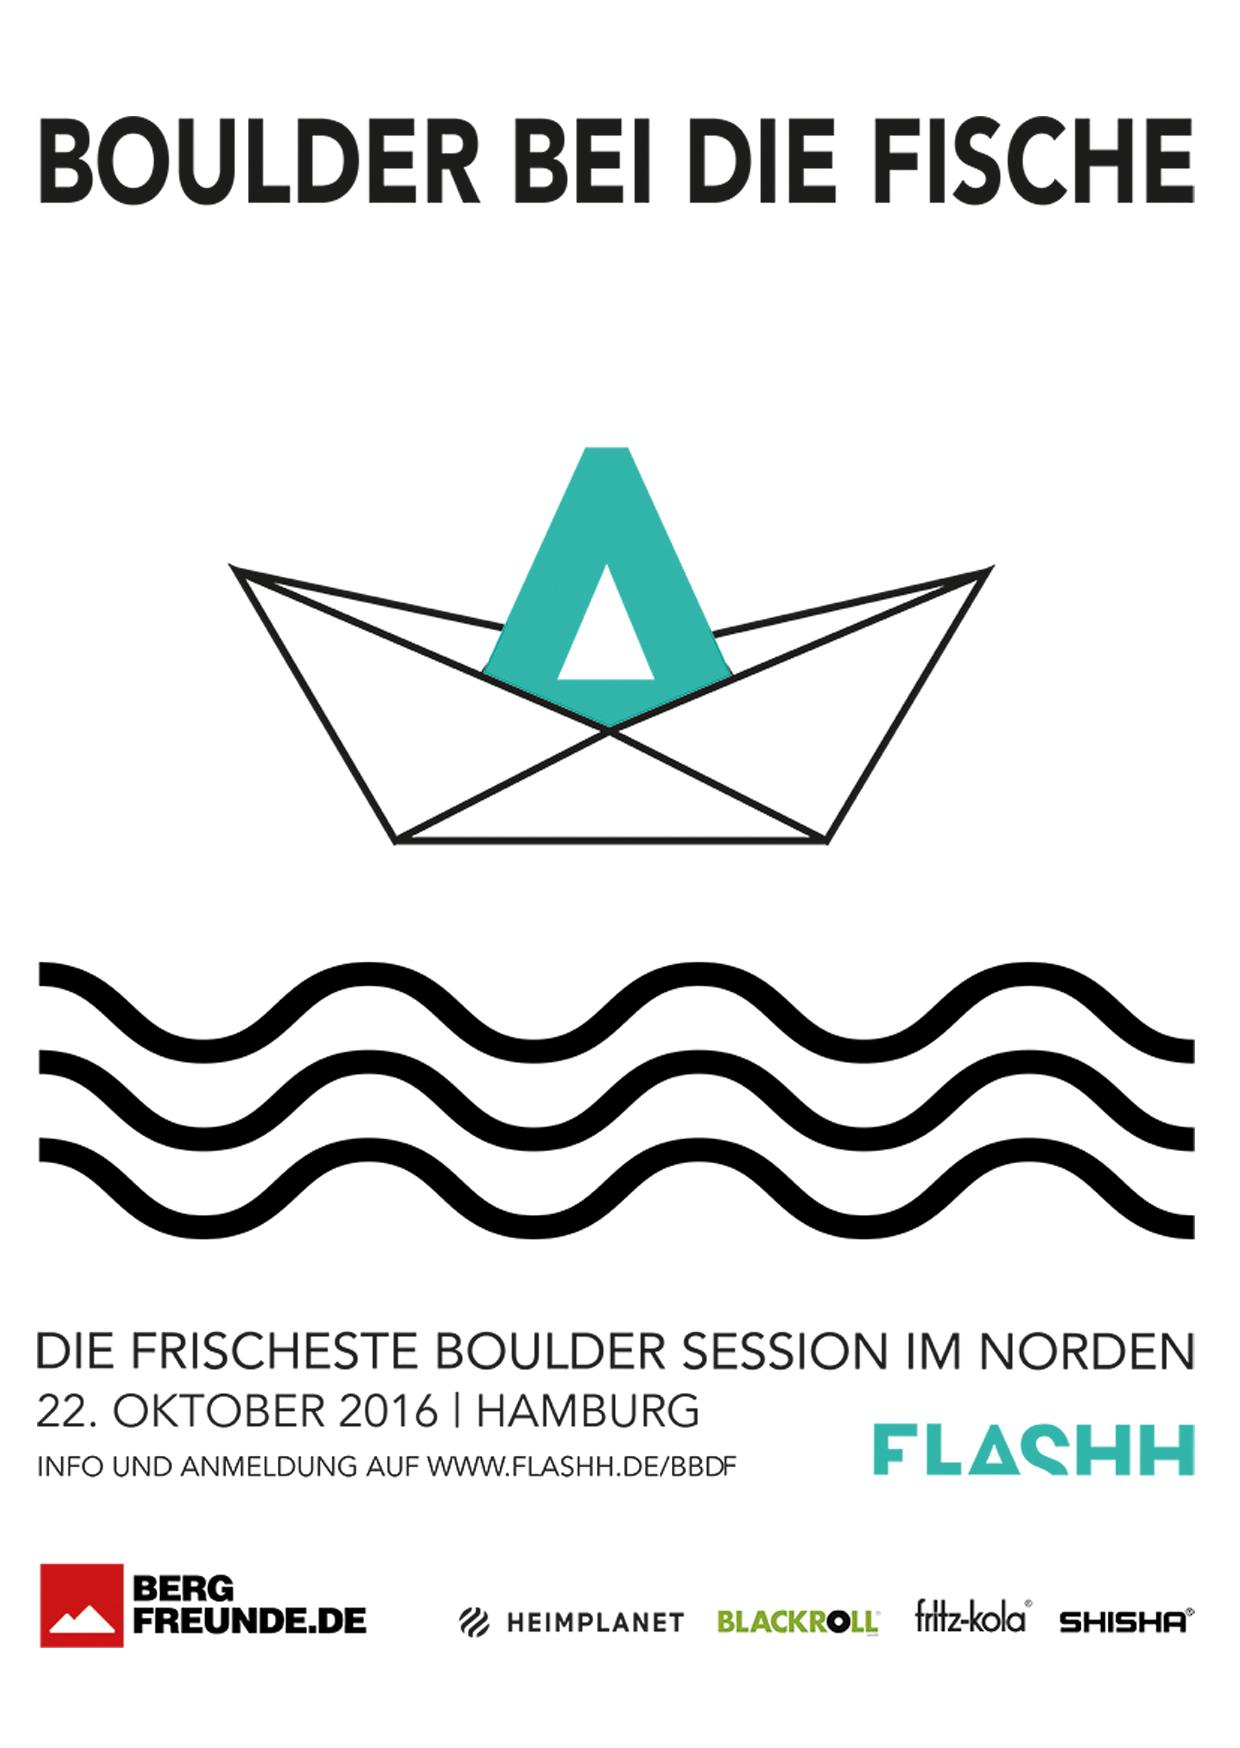 FLASHH_boulder_spot_boulder_bei_die_fische